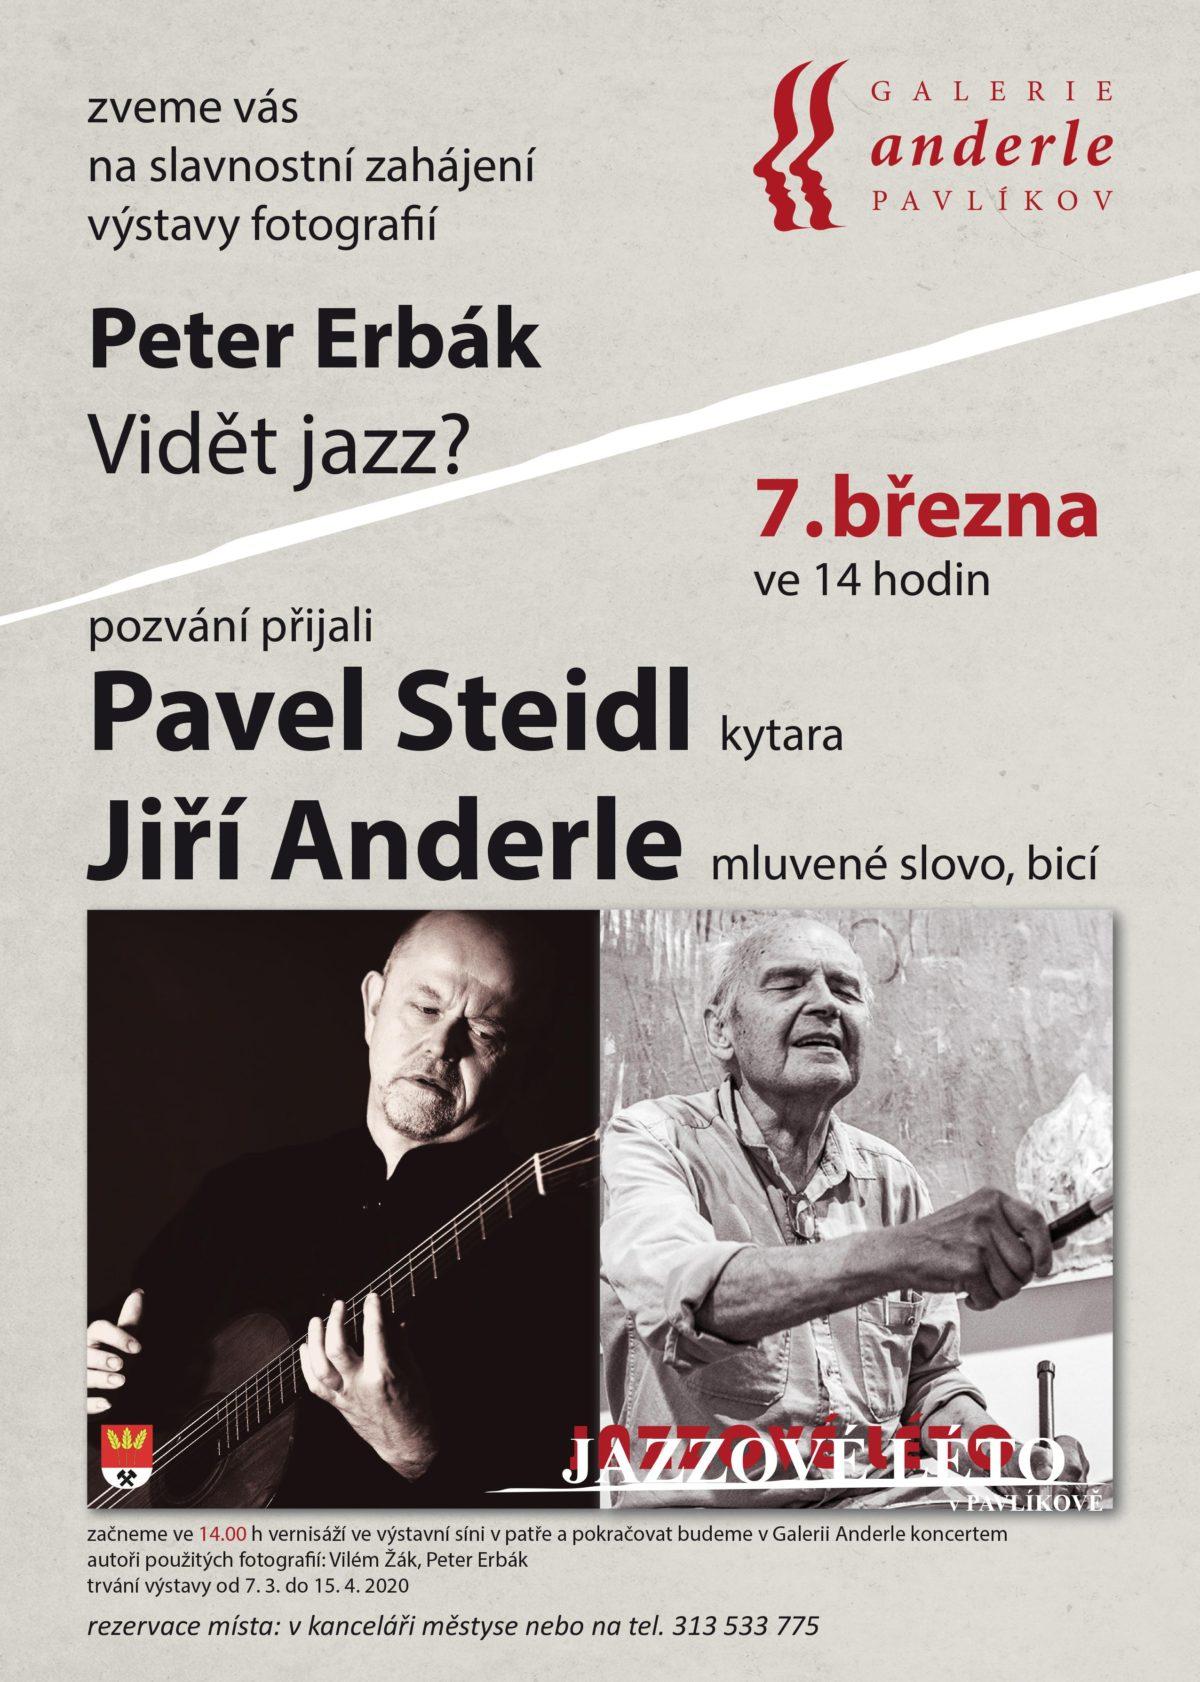 Výstava fotografií Petera Erbáka s výjimečným hostem Jiřím Anderlem